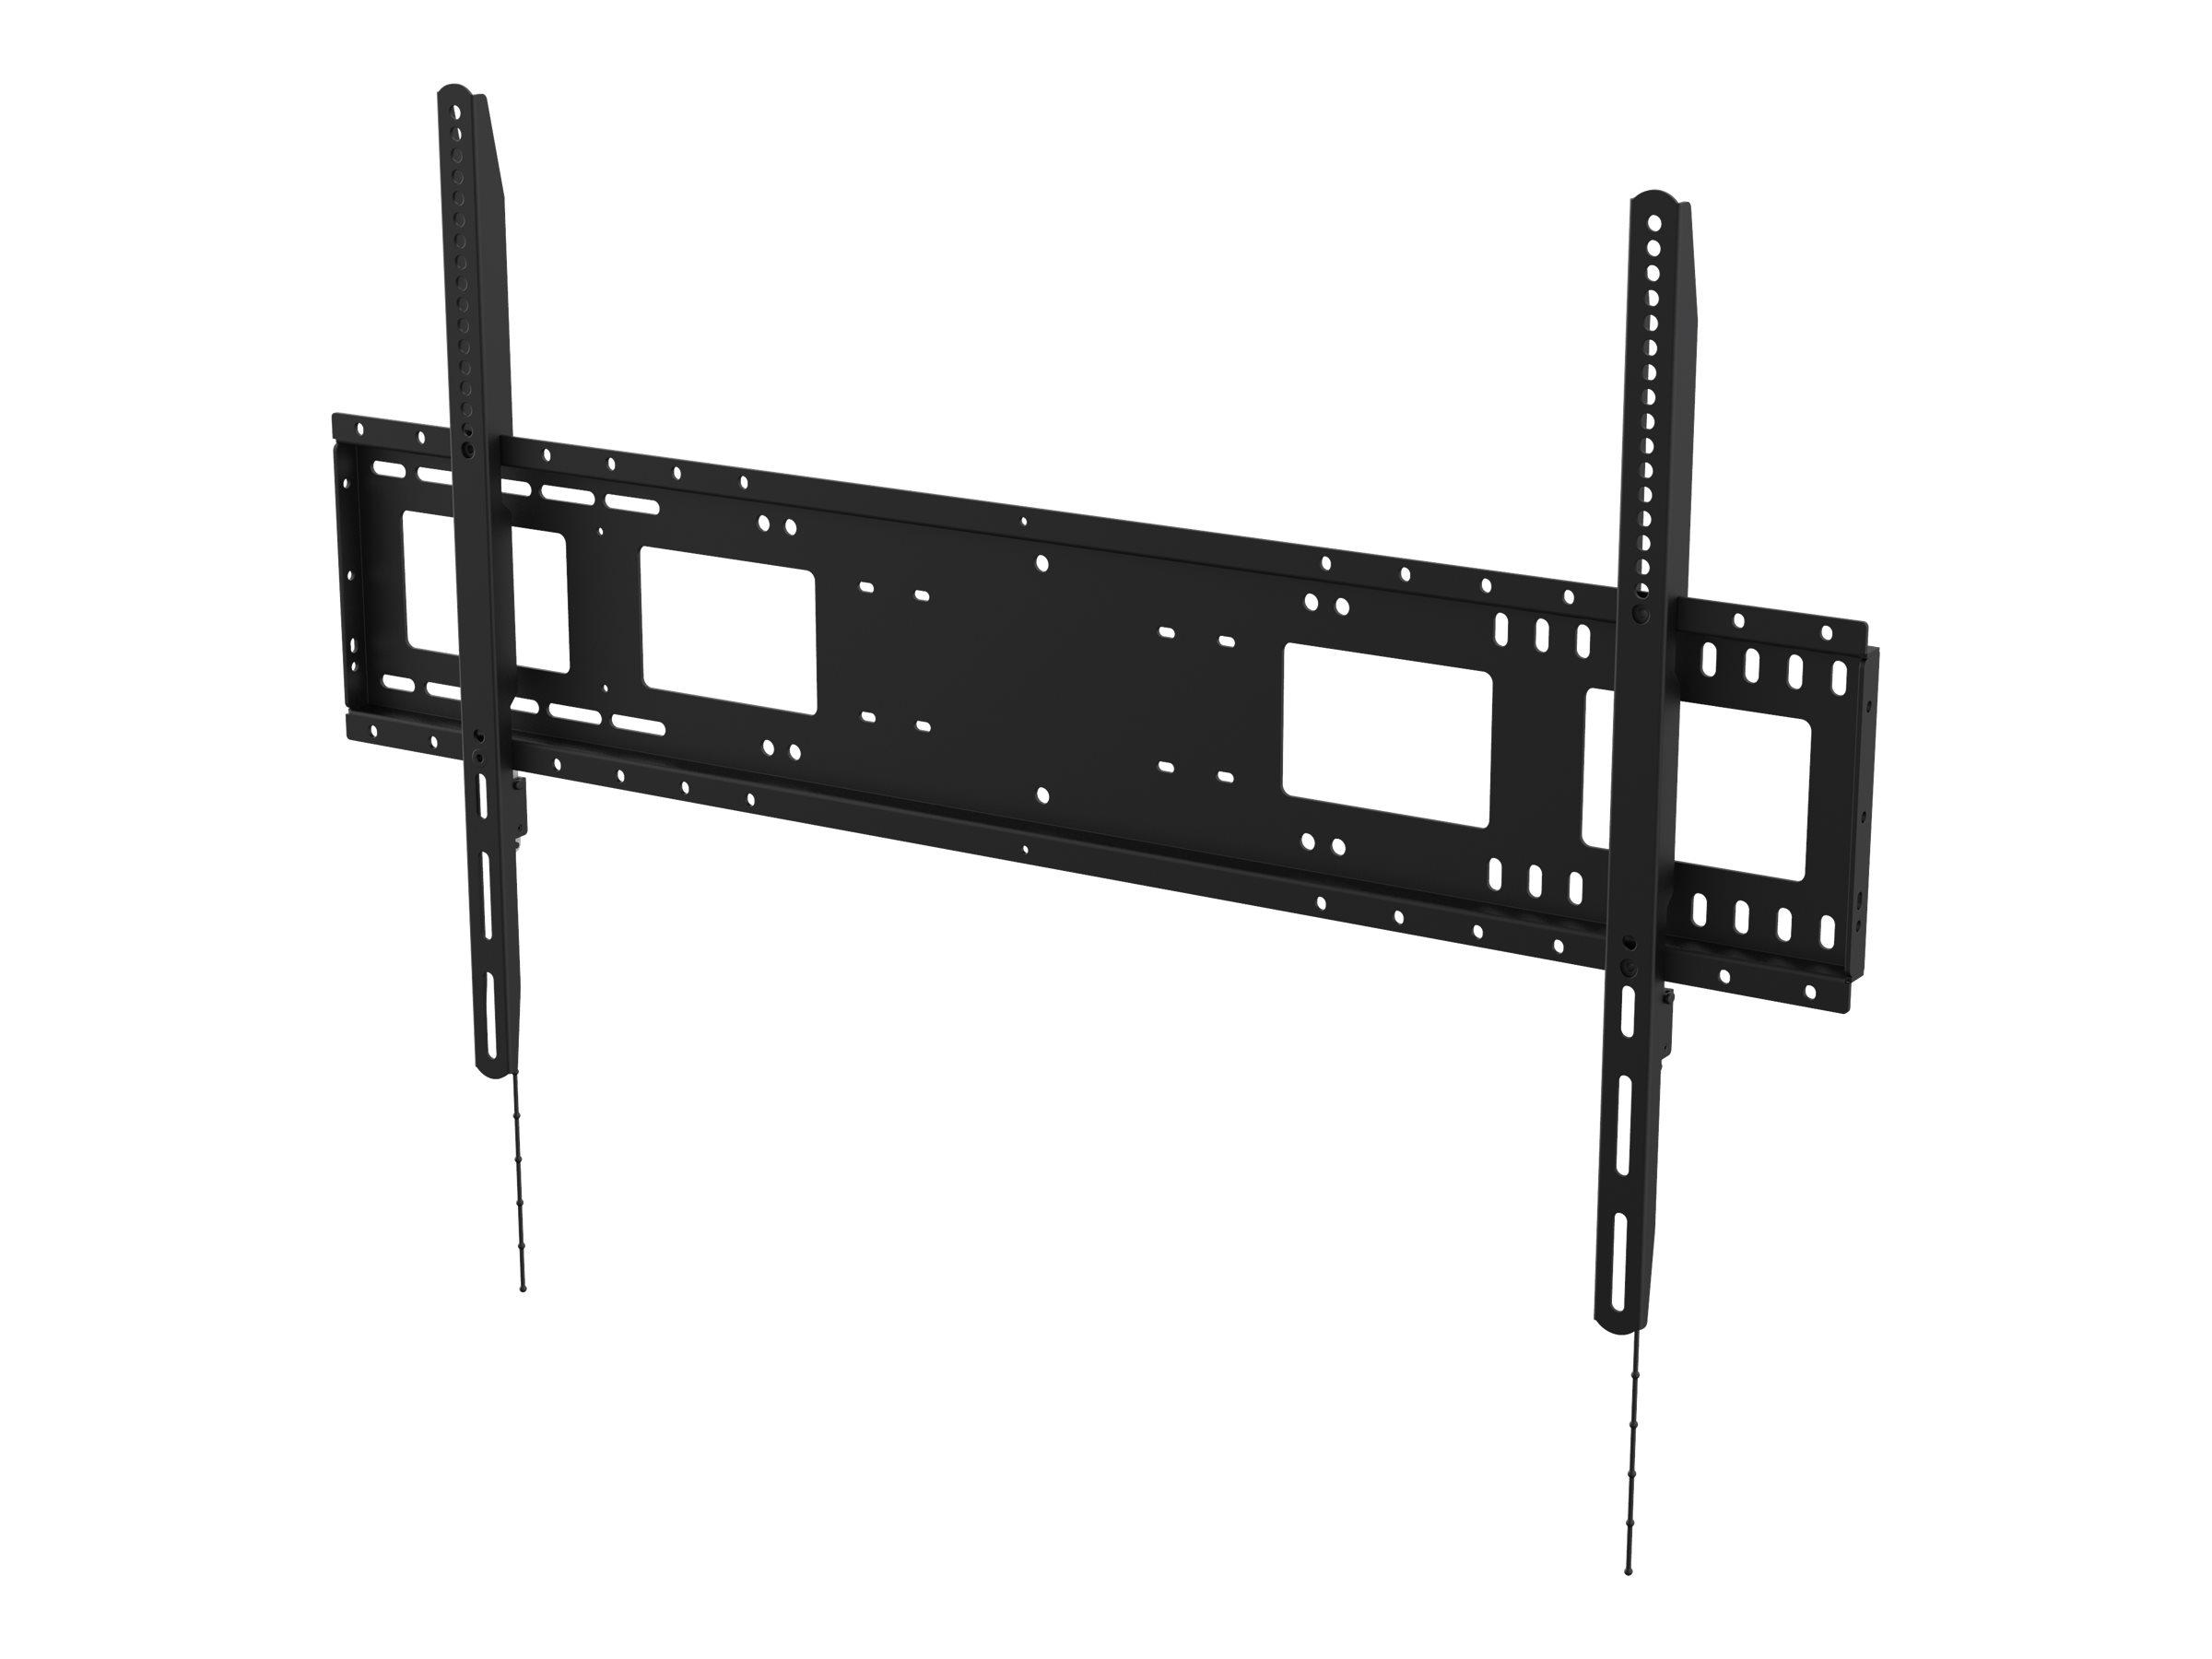 Vision VFM-W10X6 - Heavy Duty - Wandhalterung für Media Player / LCD-Display - kaltgewalzter Stahl - Schwarz - Bildschirmgrösse: